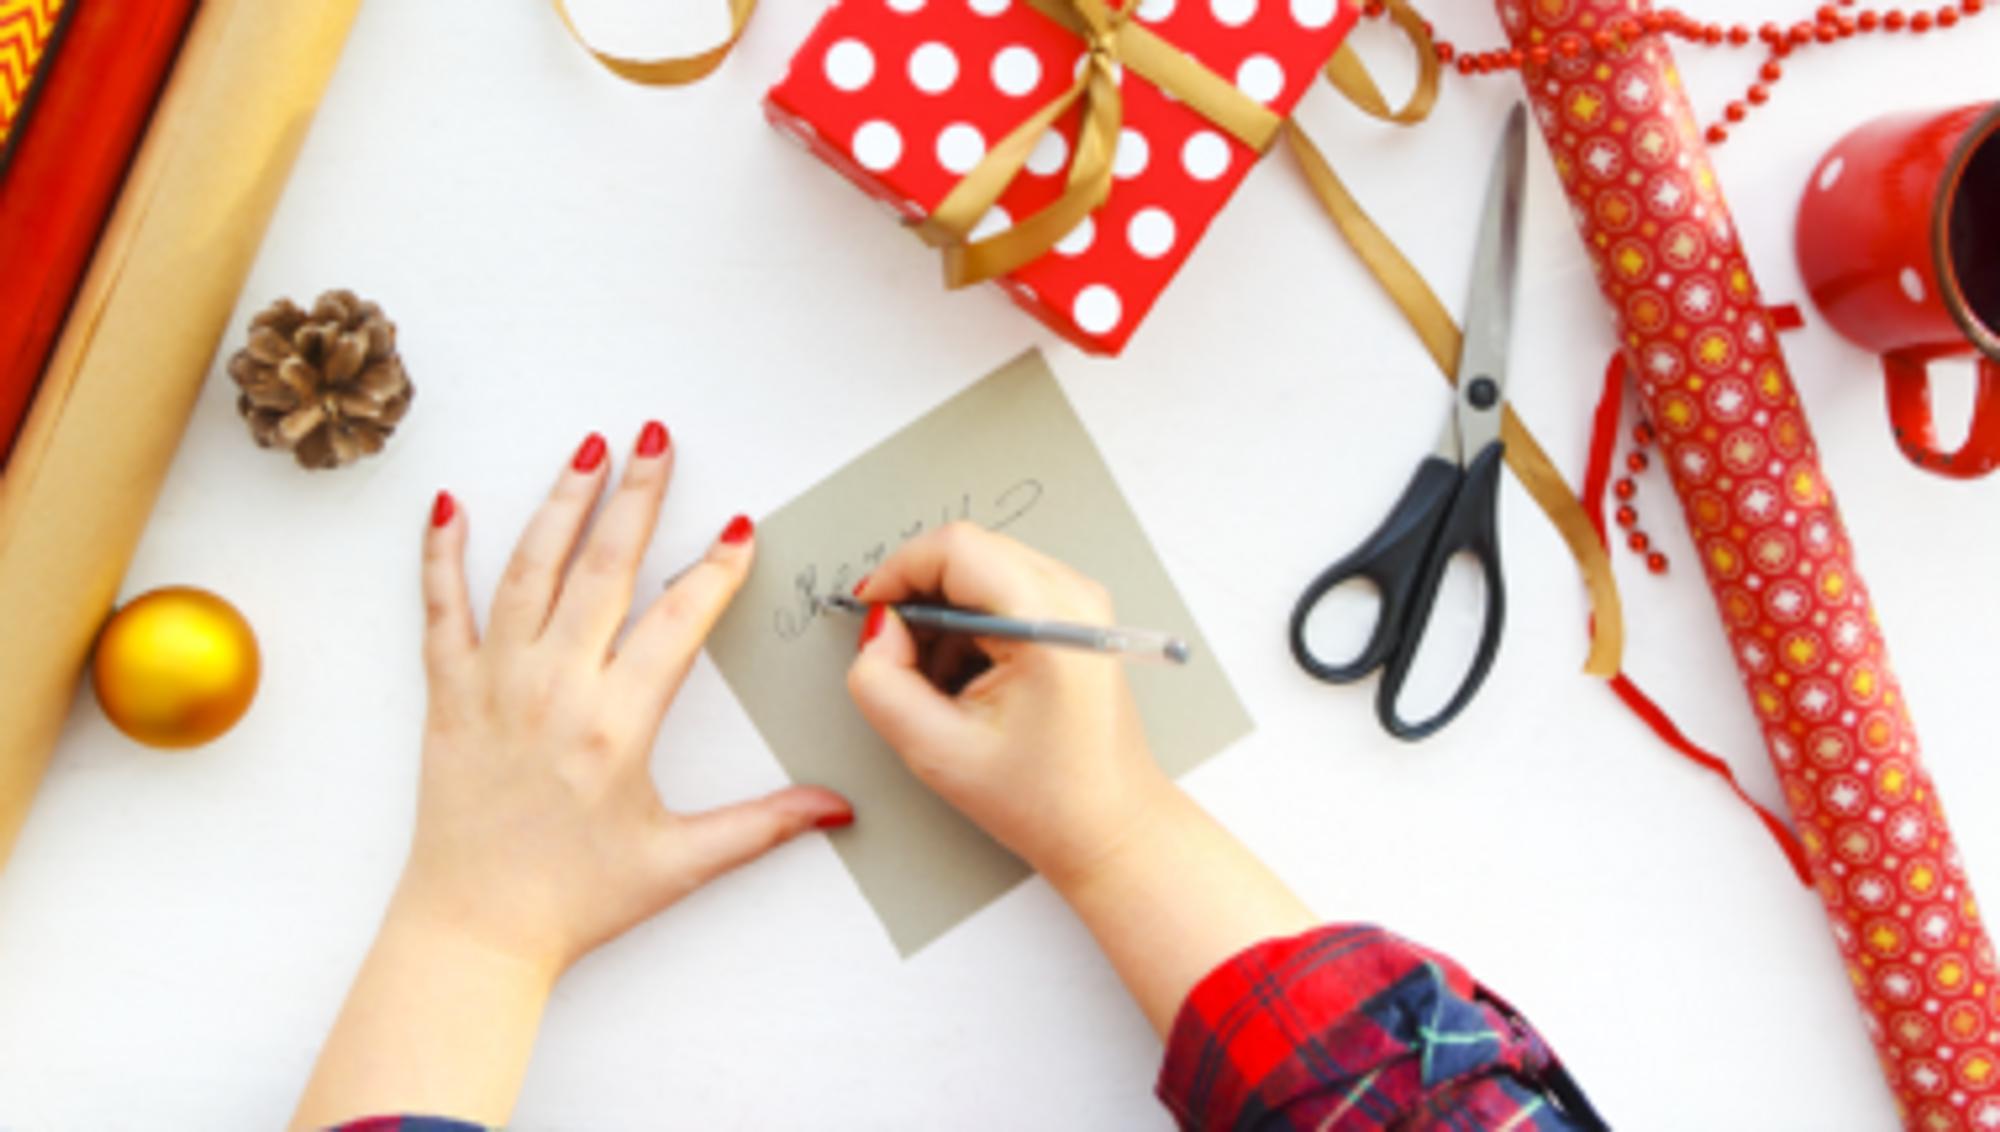 Moderne Weihnachtskarten Basteln.Weihnachtskarte Gestalten Mit Bügelperlen 5 Inspirationen Missmadeit